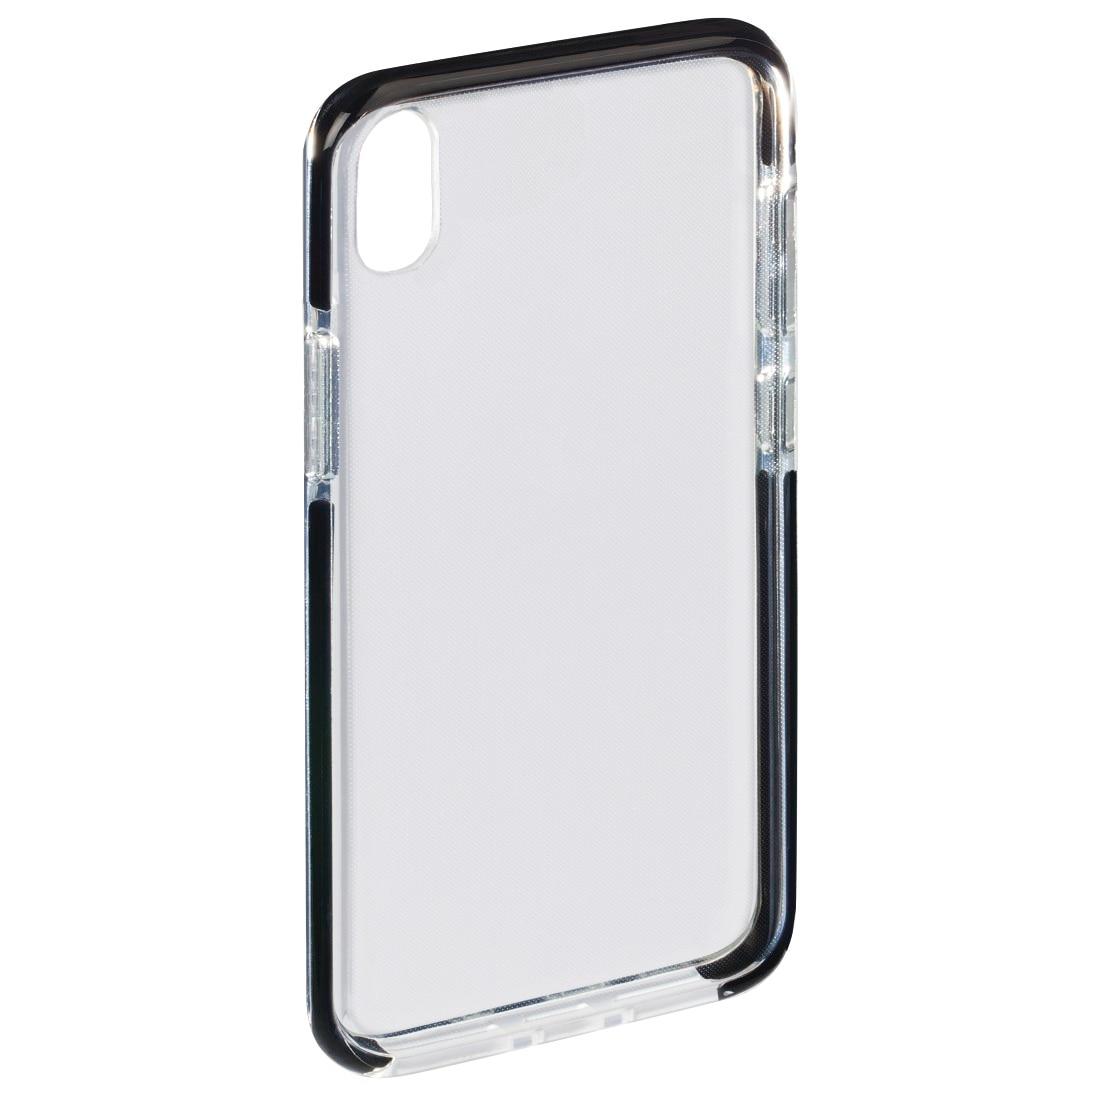 Fotografie Husa de protectie Hama Protector pentru Apple iPhone X, Black